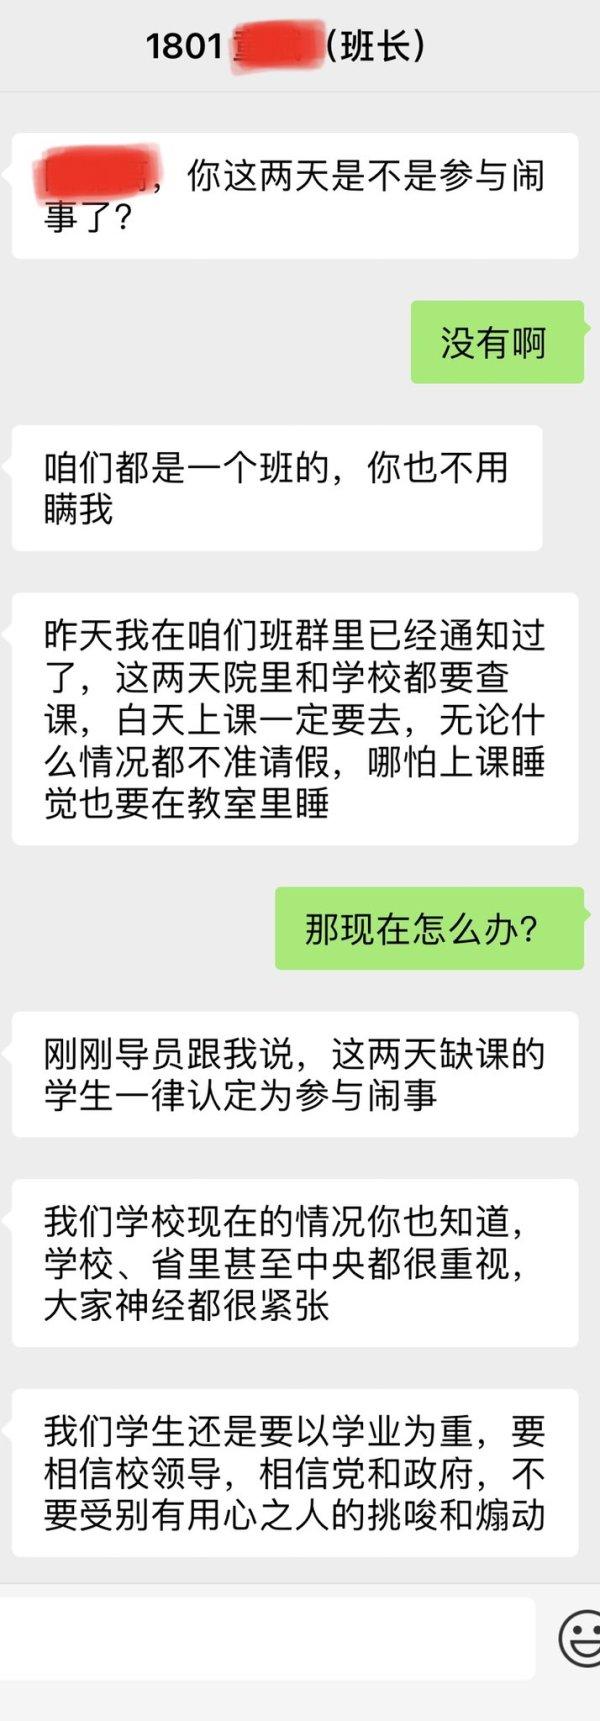 中北学院某班班长与一名同学的对话截图(图片来源:网络)